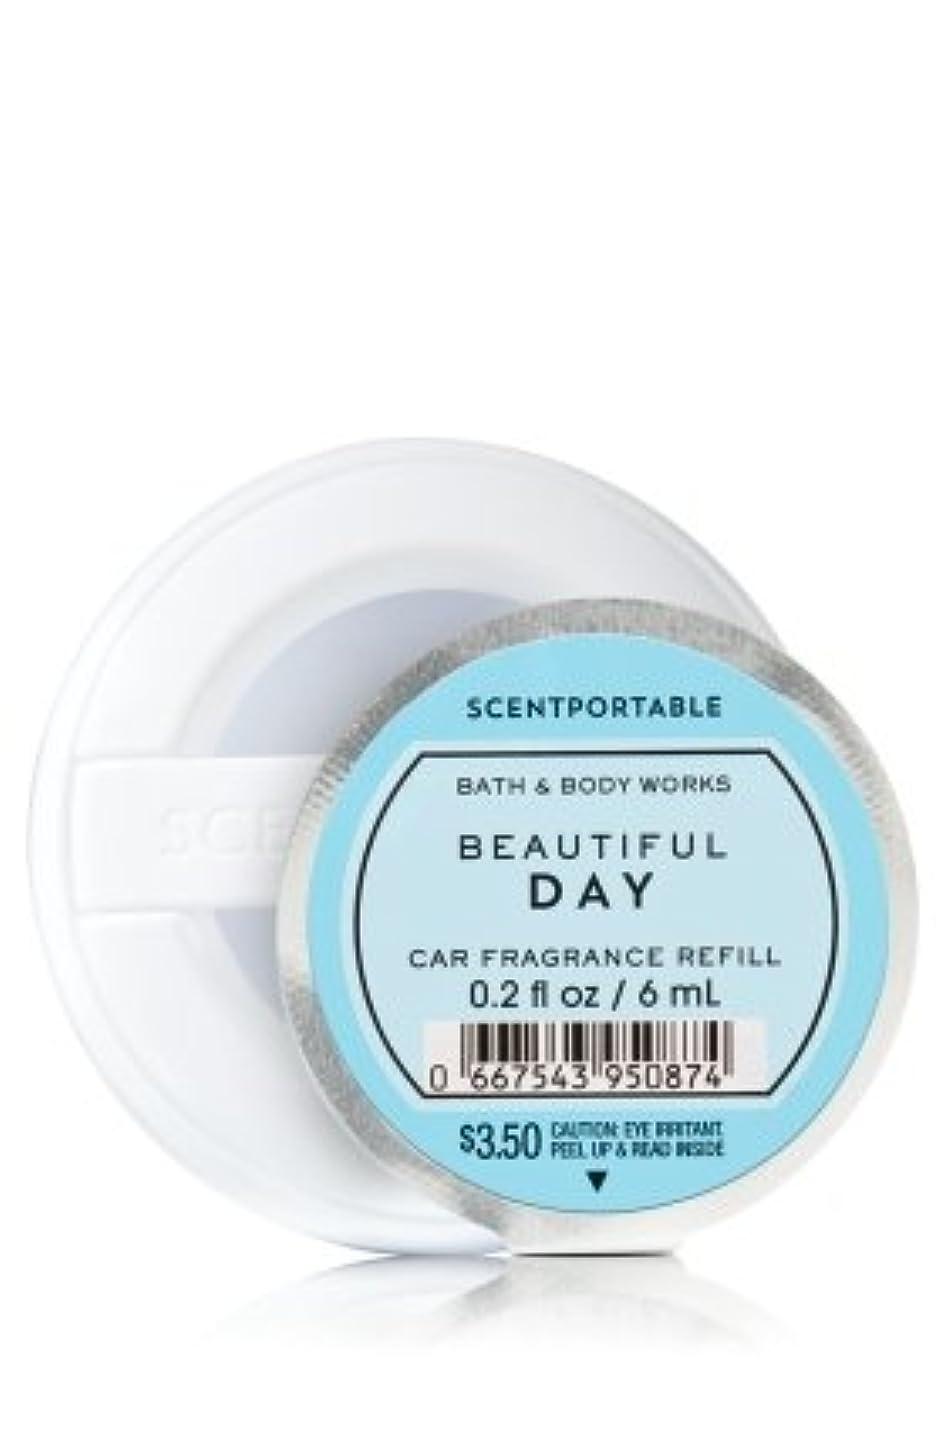 用心抑圧者ミス【Bath&Body Works/バス&ボディワークス】 クリップ式芳香剤 セントポータブル詰替えリフィル ビューティフルデイ Scentportable Fragrance Refill Beautiful Day [並行輸入品]